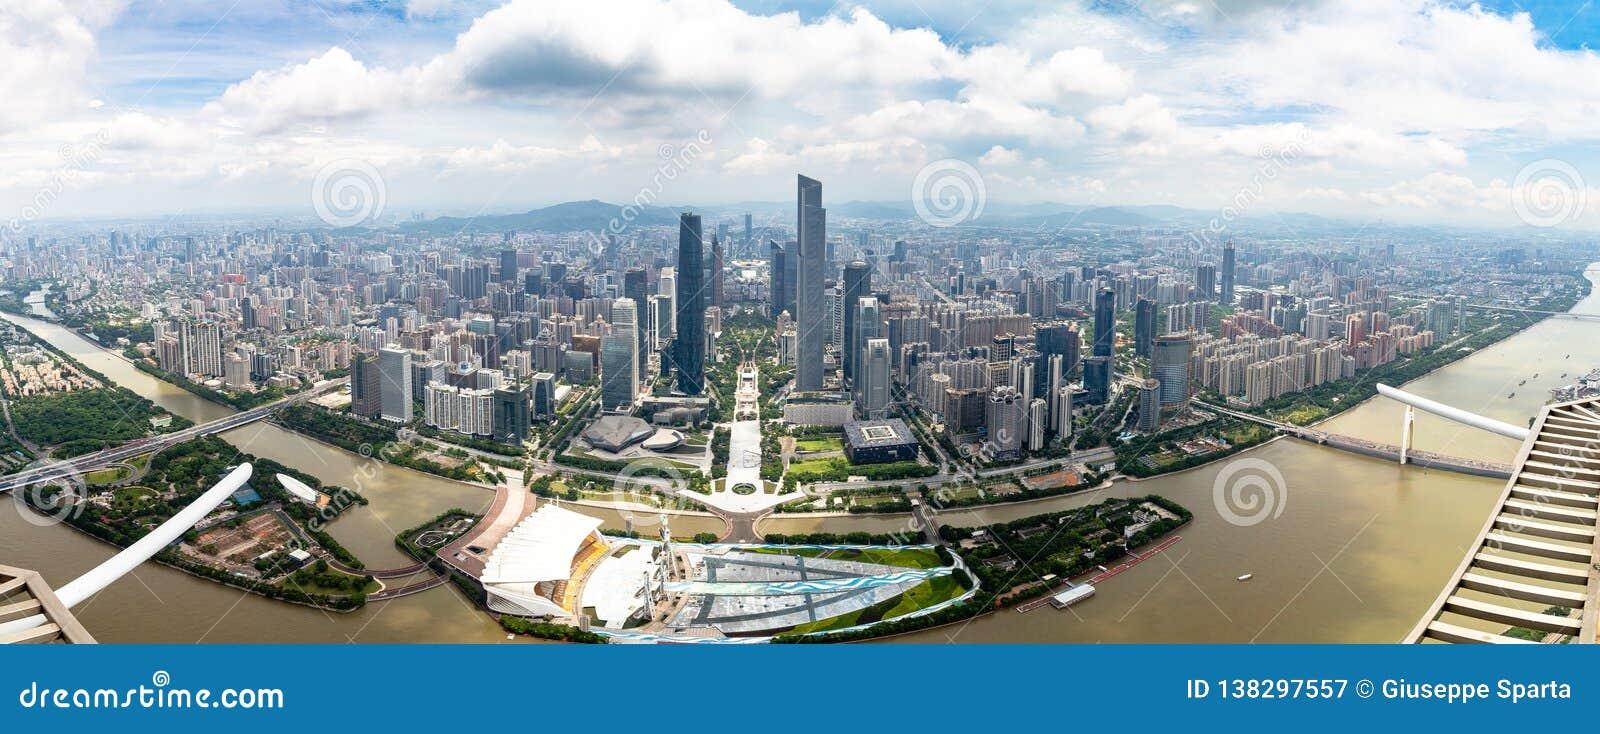 Китая †июля 2017 «панорамный вид †Гуанчжоу, «делового района Гуанчжоу центрального и Pearl River